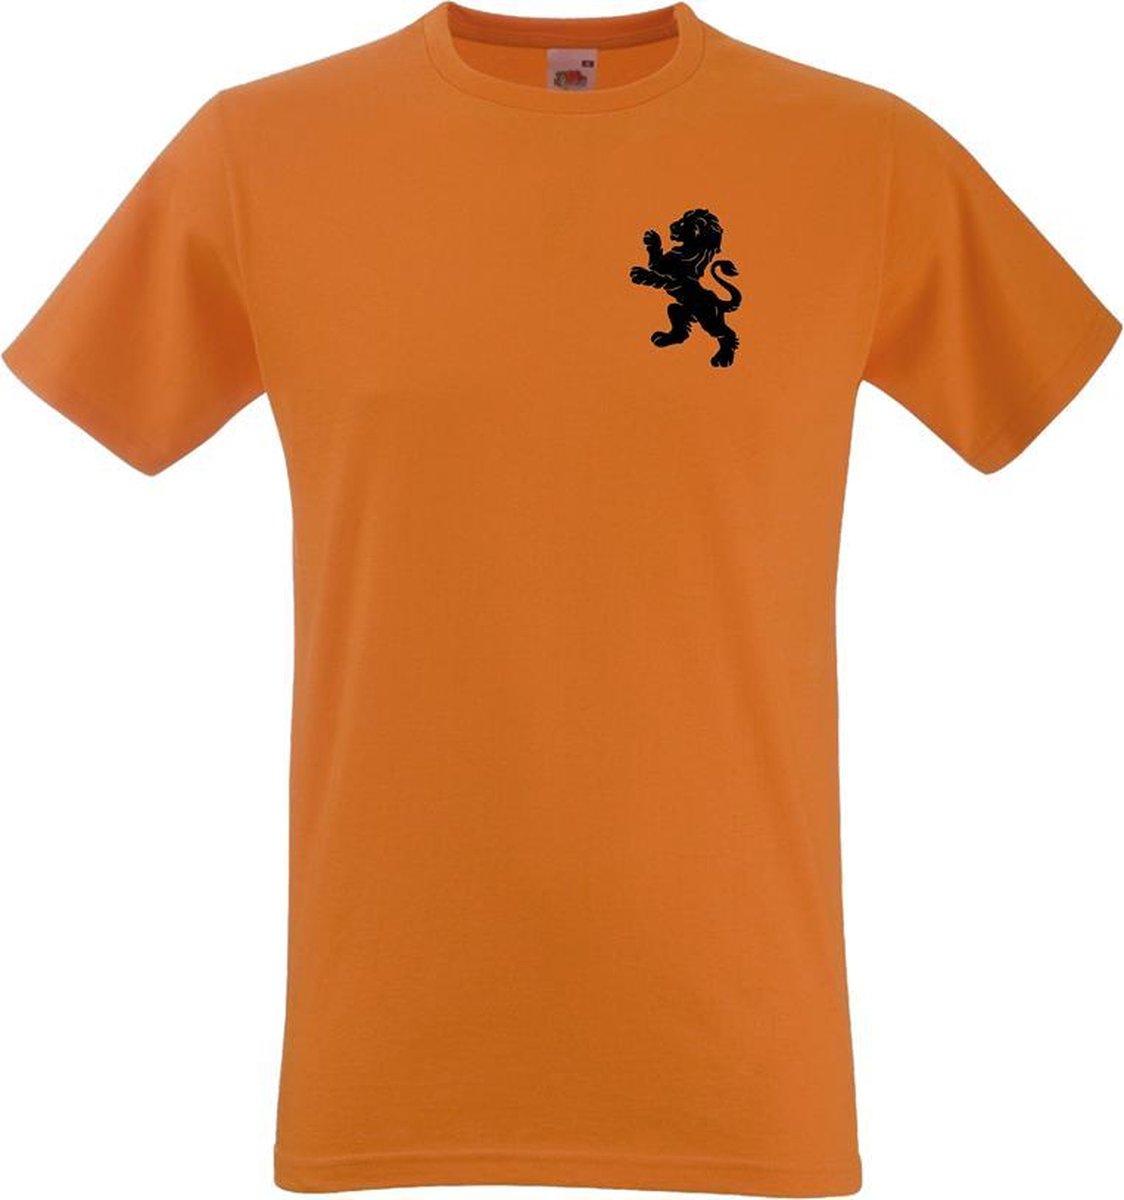 Oranje Heren T-shirt - Koningsdag - EK voetbal - Formule 1